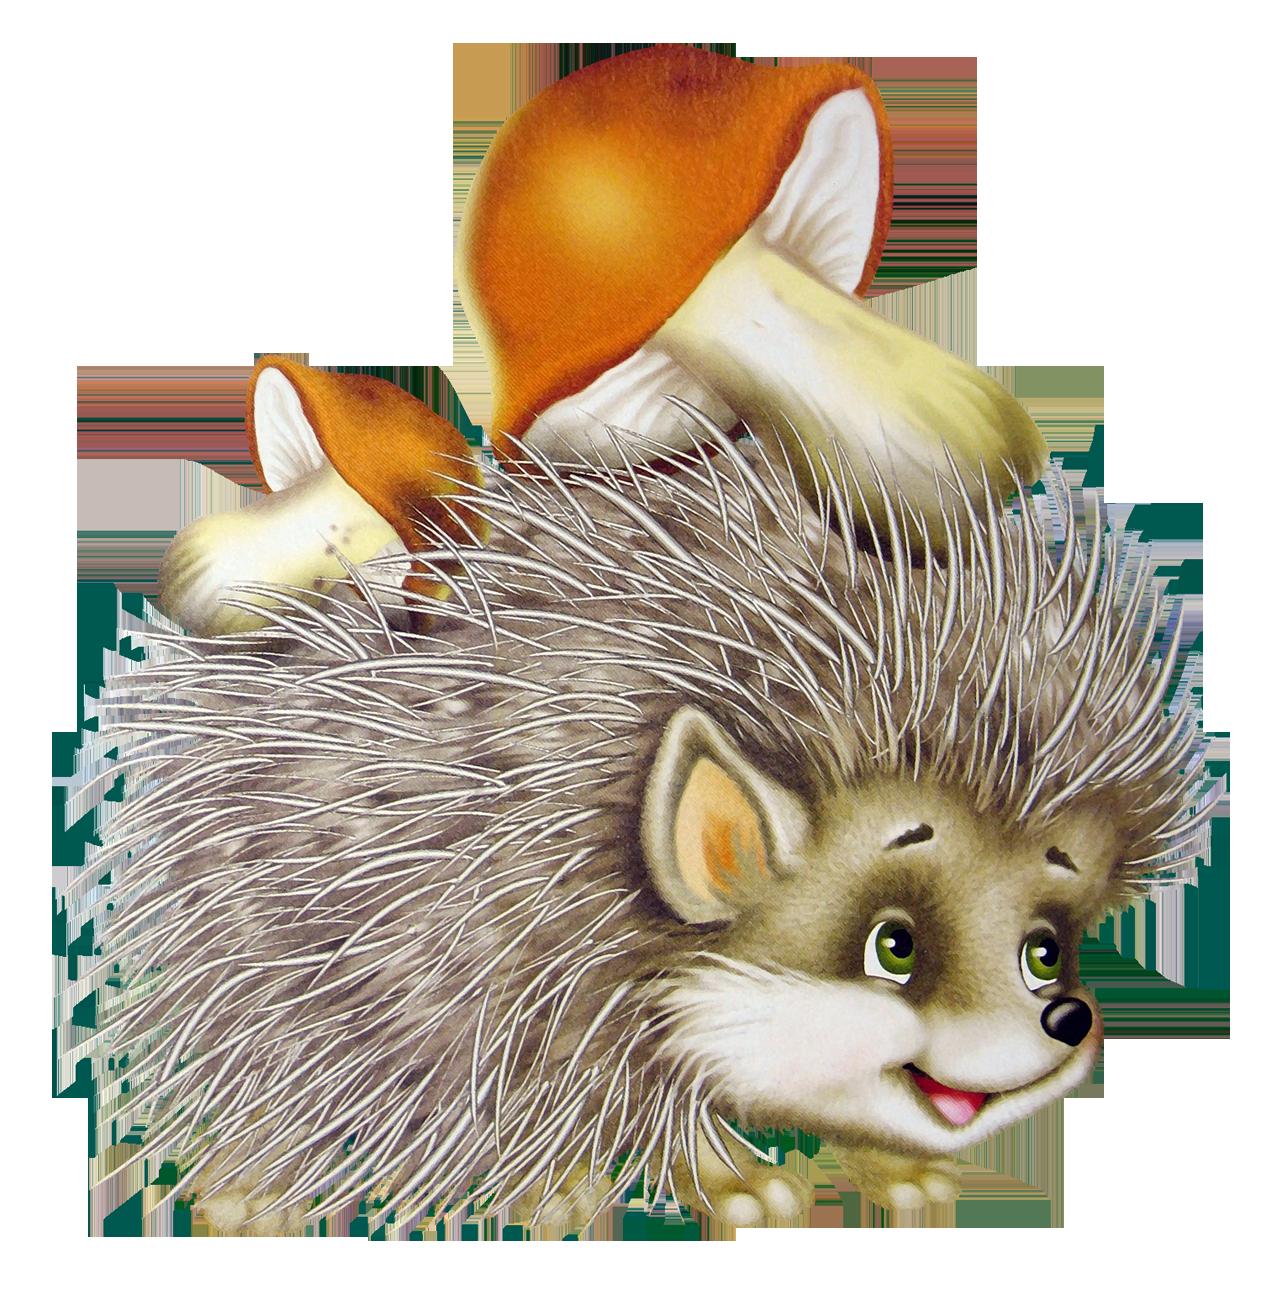 Png . Hedgehog clipart sleeping